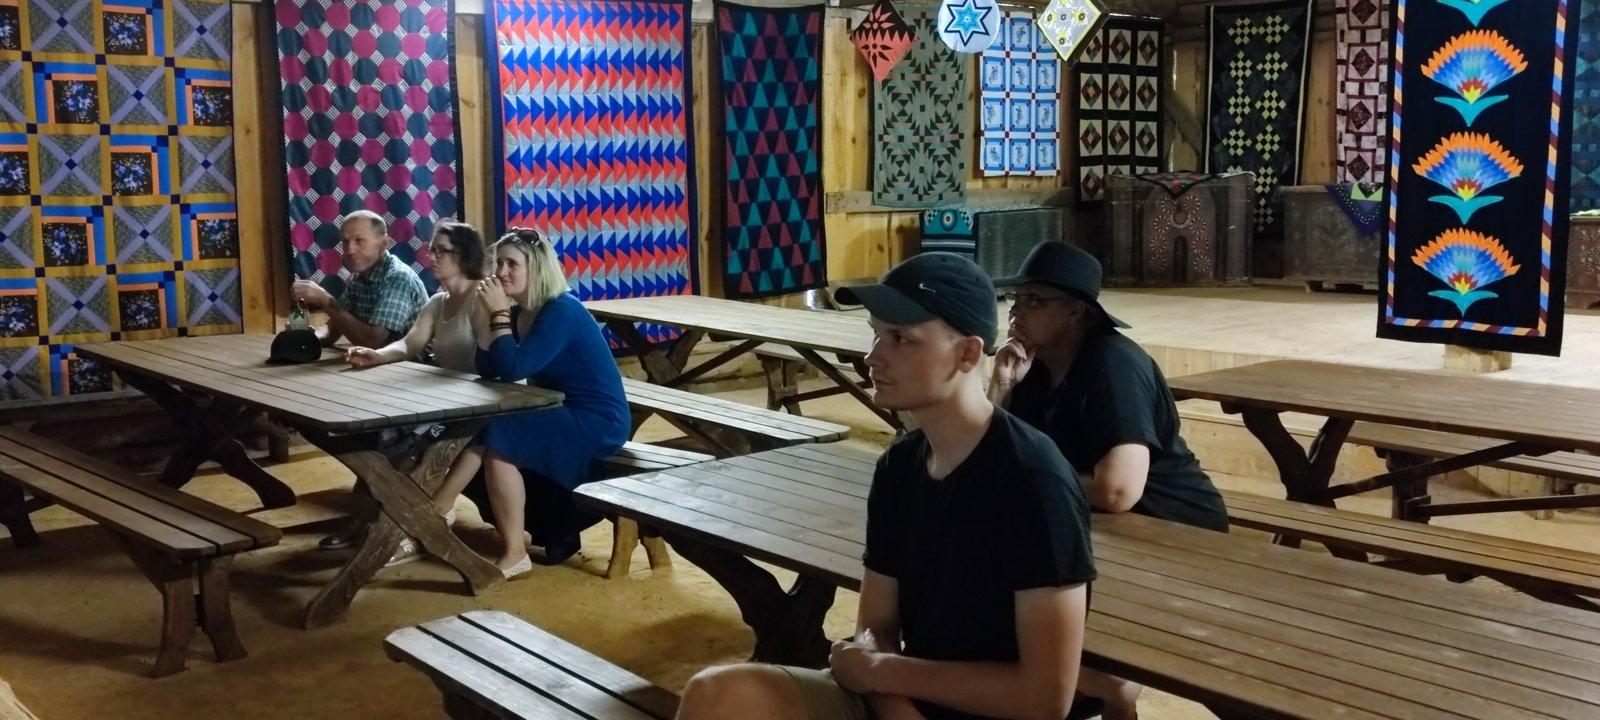 """Žemaitijos kaimo muziejuje pristatytas projektas """"Meno edukacija tvarumo link"""""""